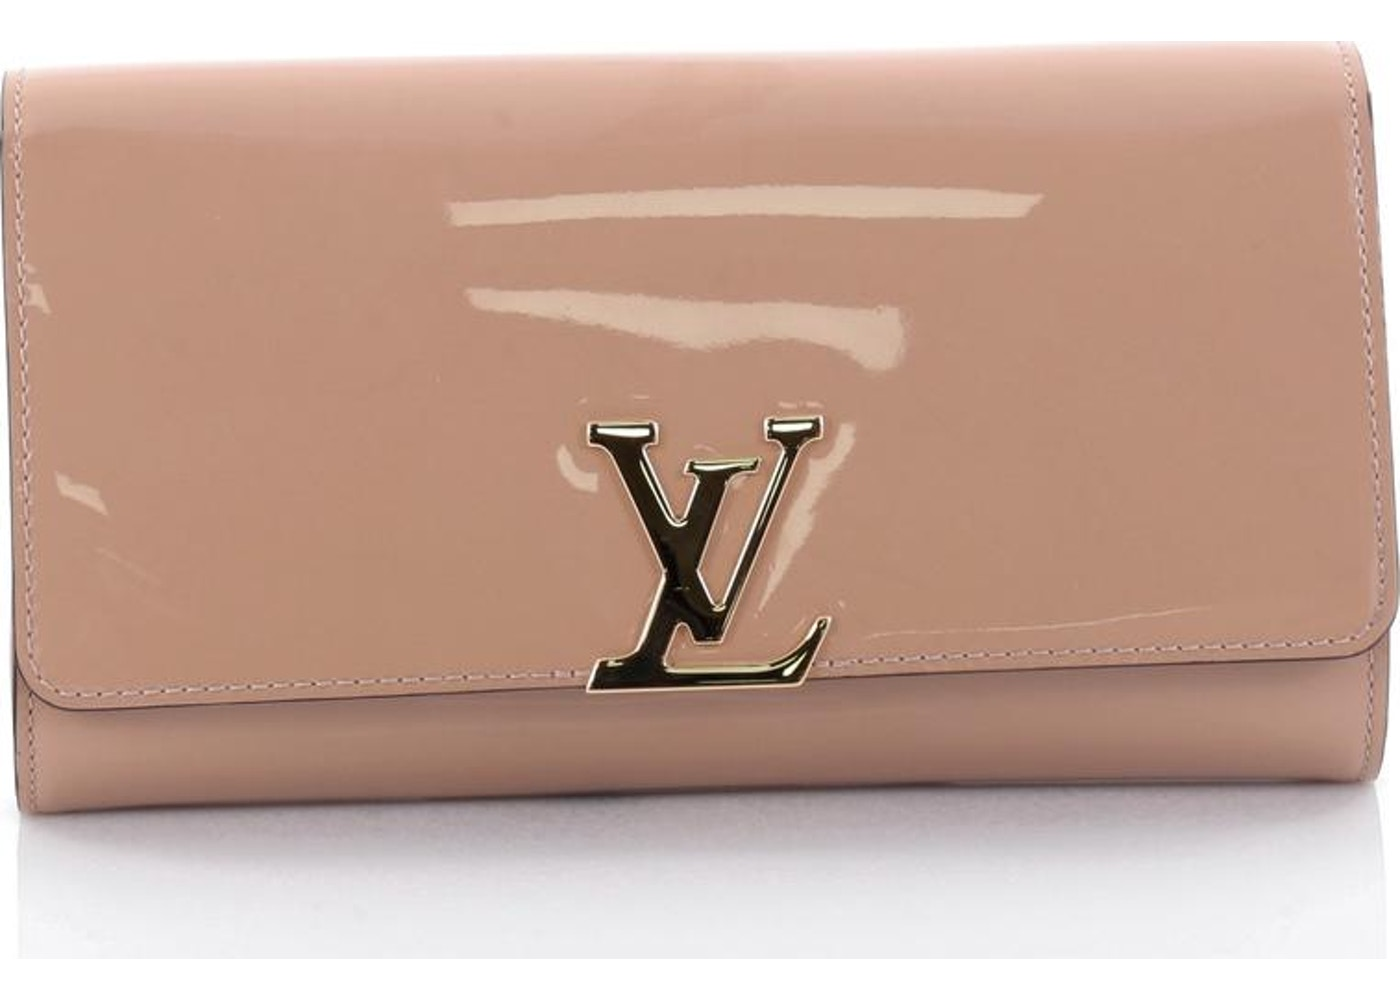 4c9dafea6d14 Louis Vuitton Clutch Louise East West Nude. Nude